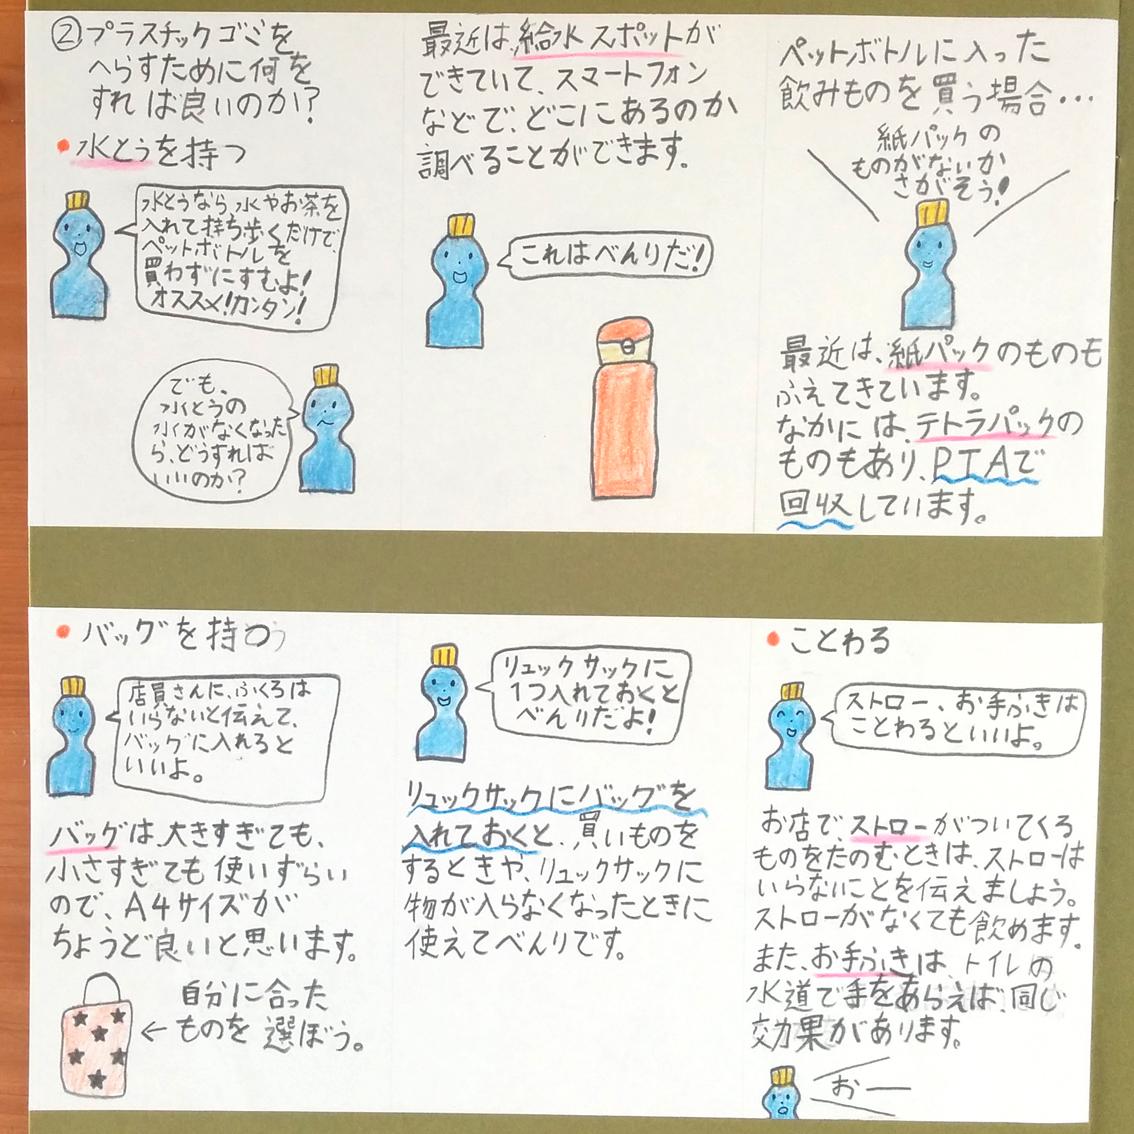 f:id:haruya-oyako:20210830102711j:plain